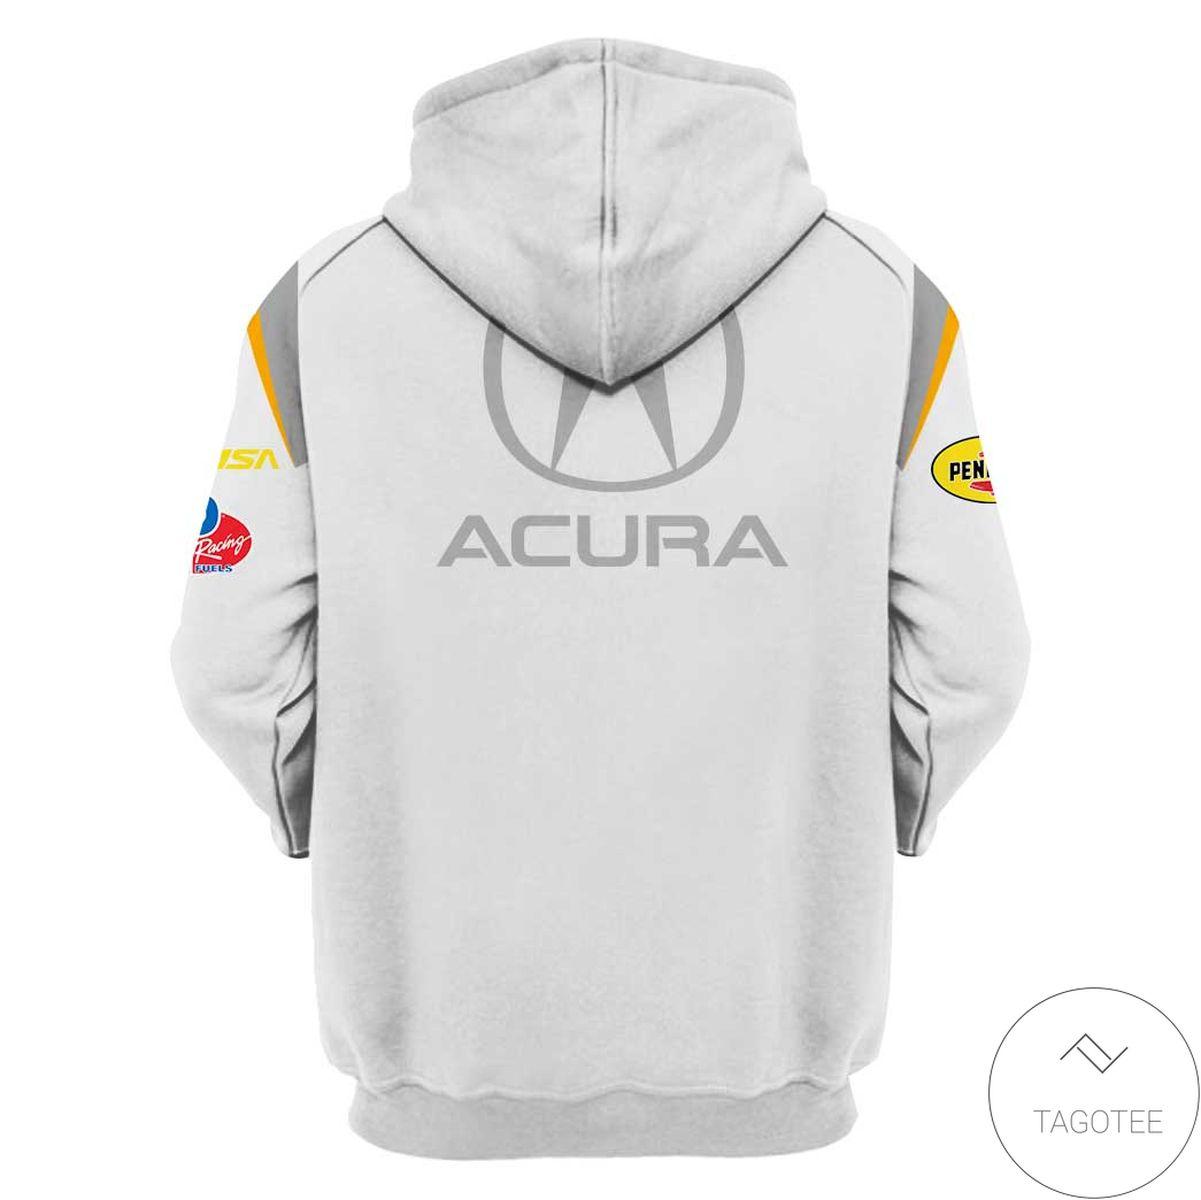 Luxury Acura Rallying Branded Unisex Racing Car  3d Hoodie